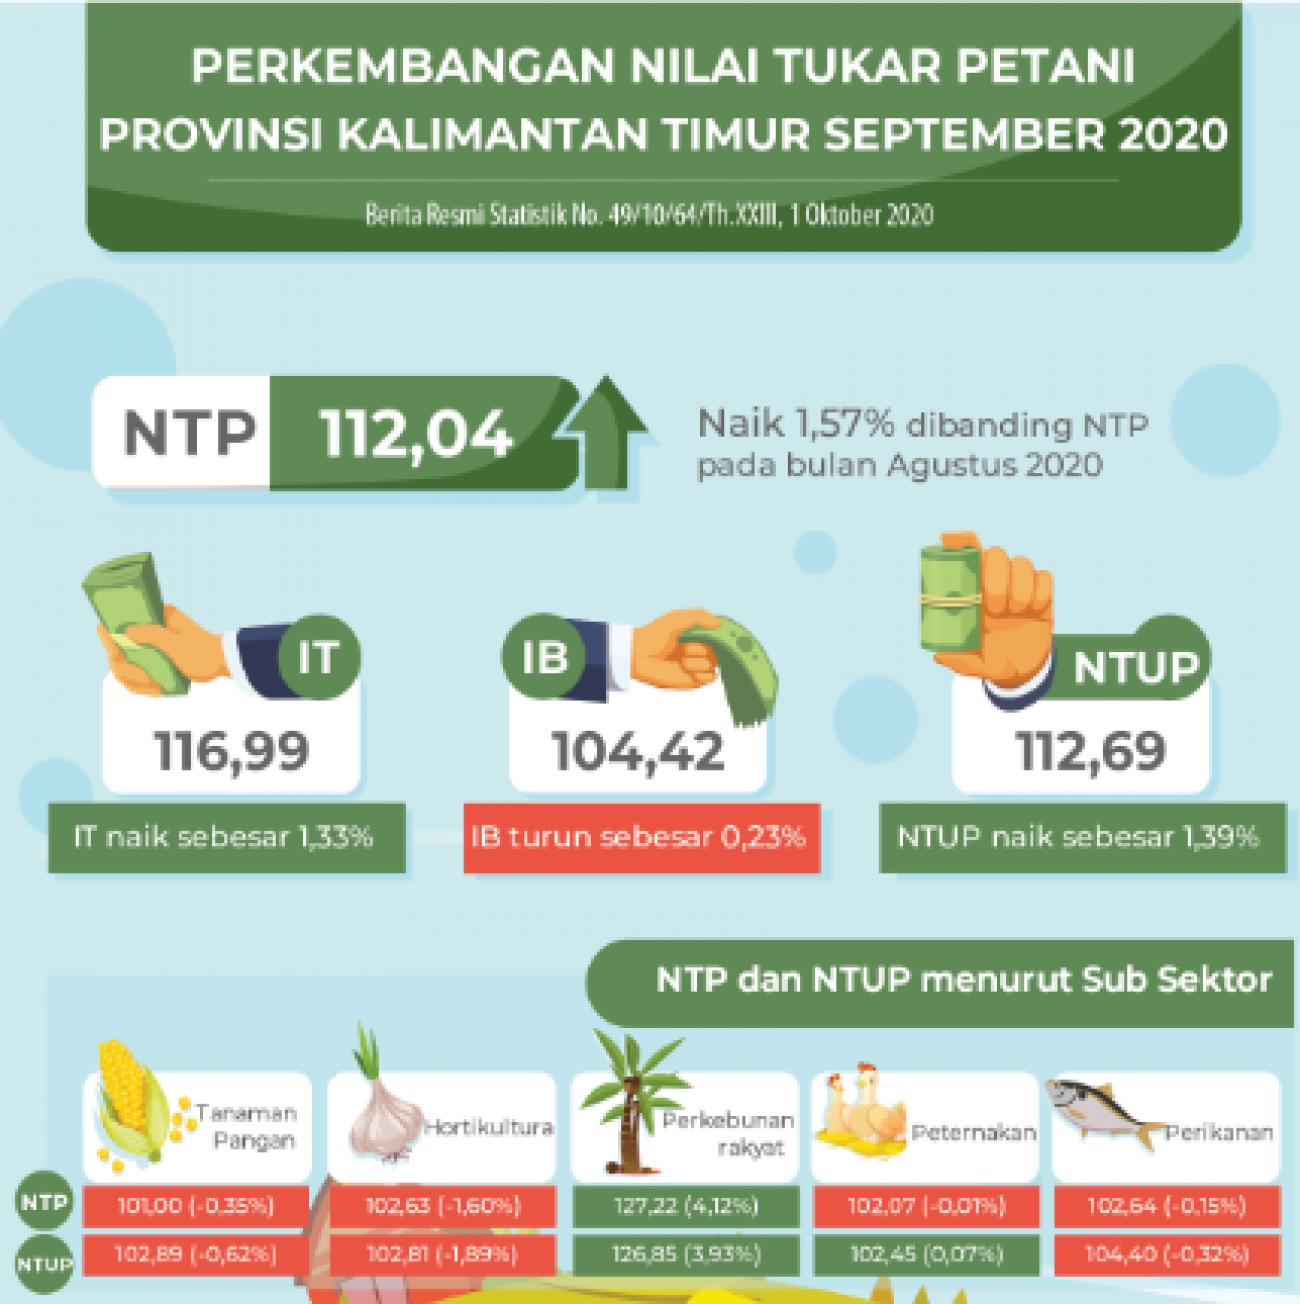 NTPT (Peternakan) Kembali Mengalami Penurunan